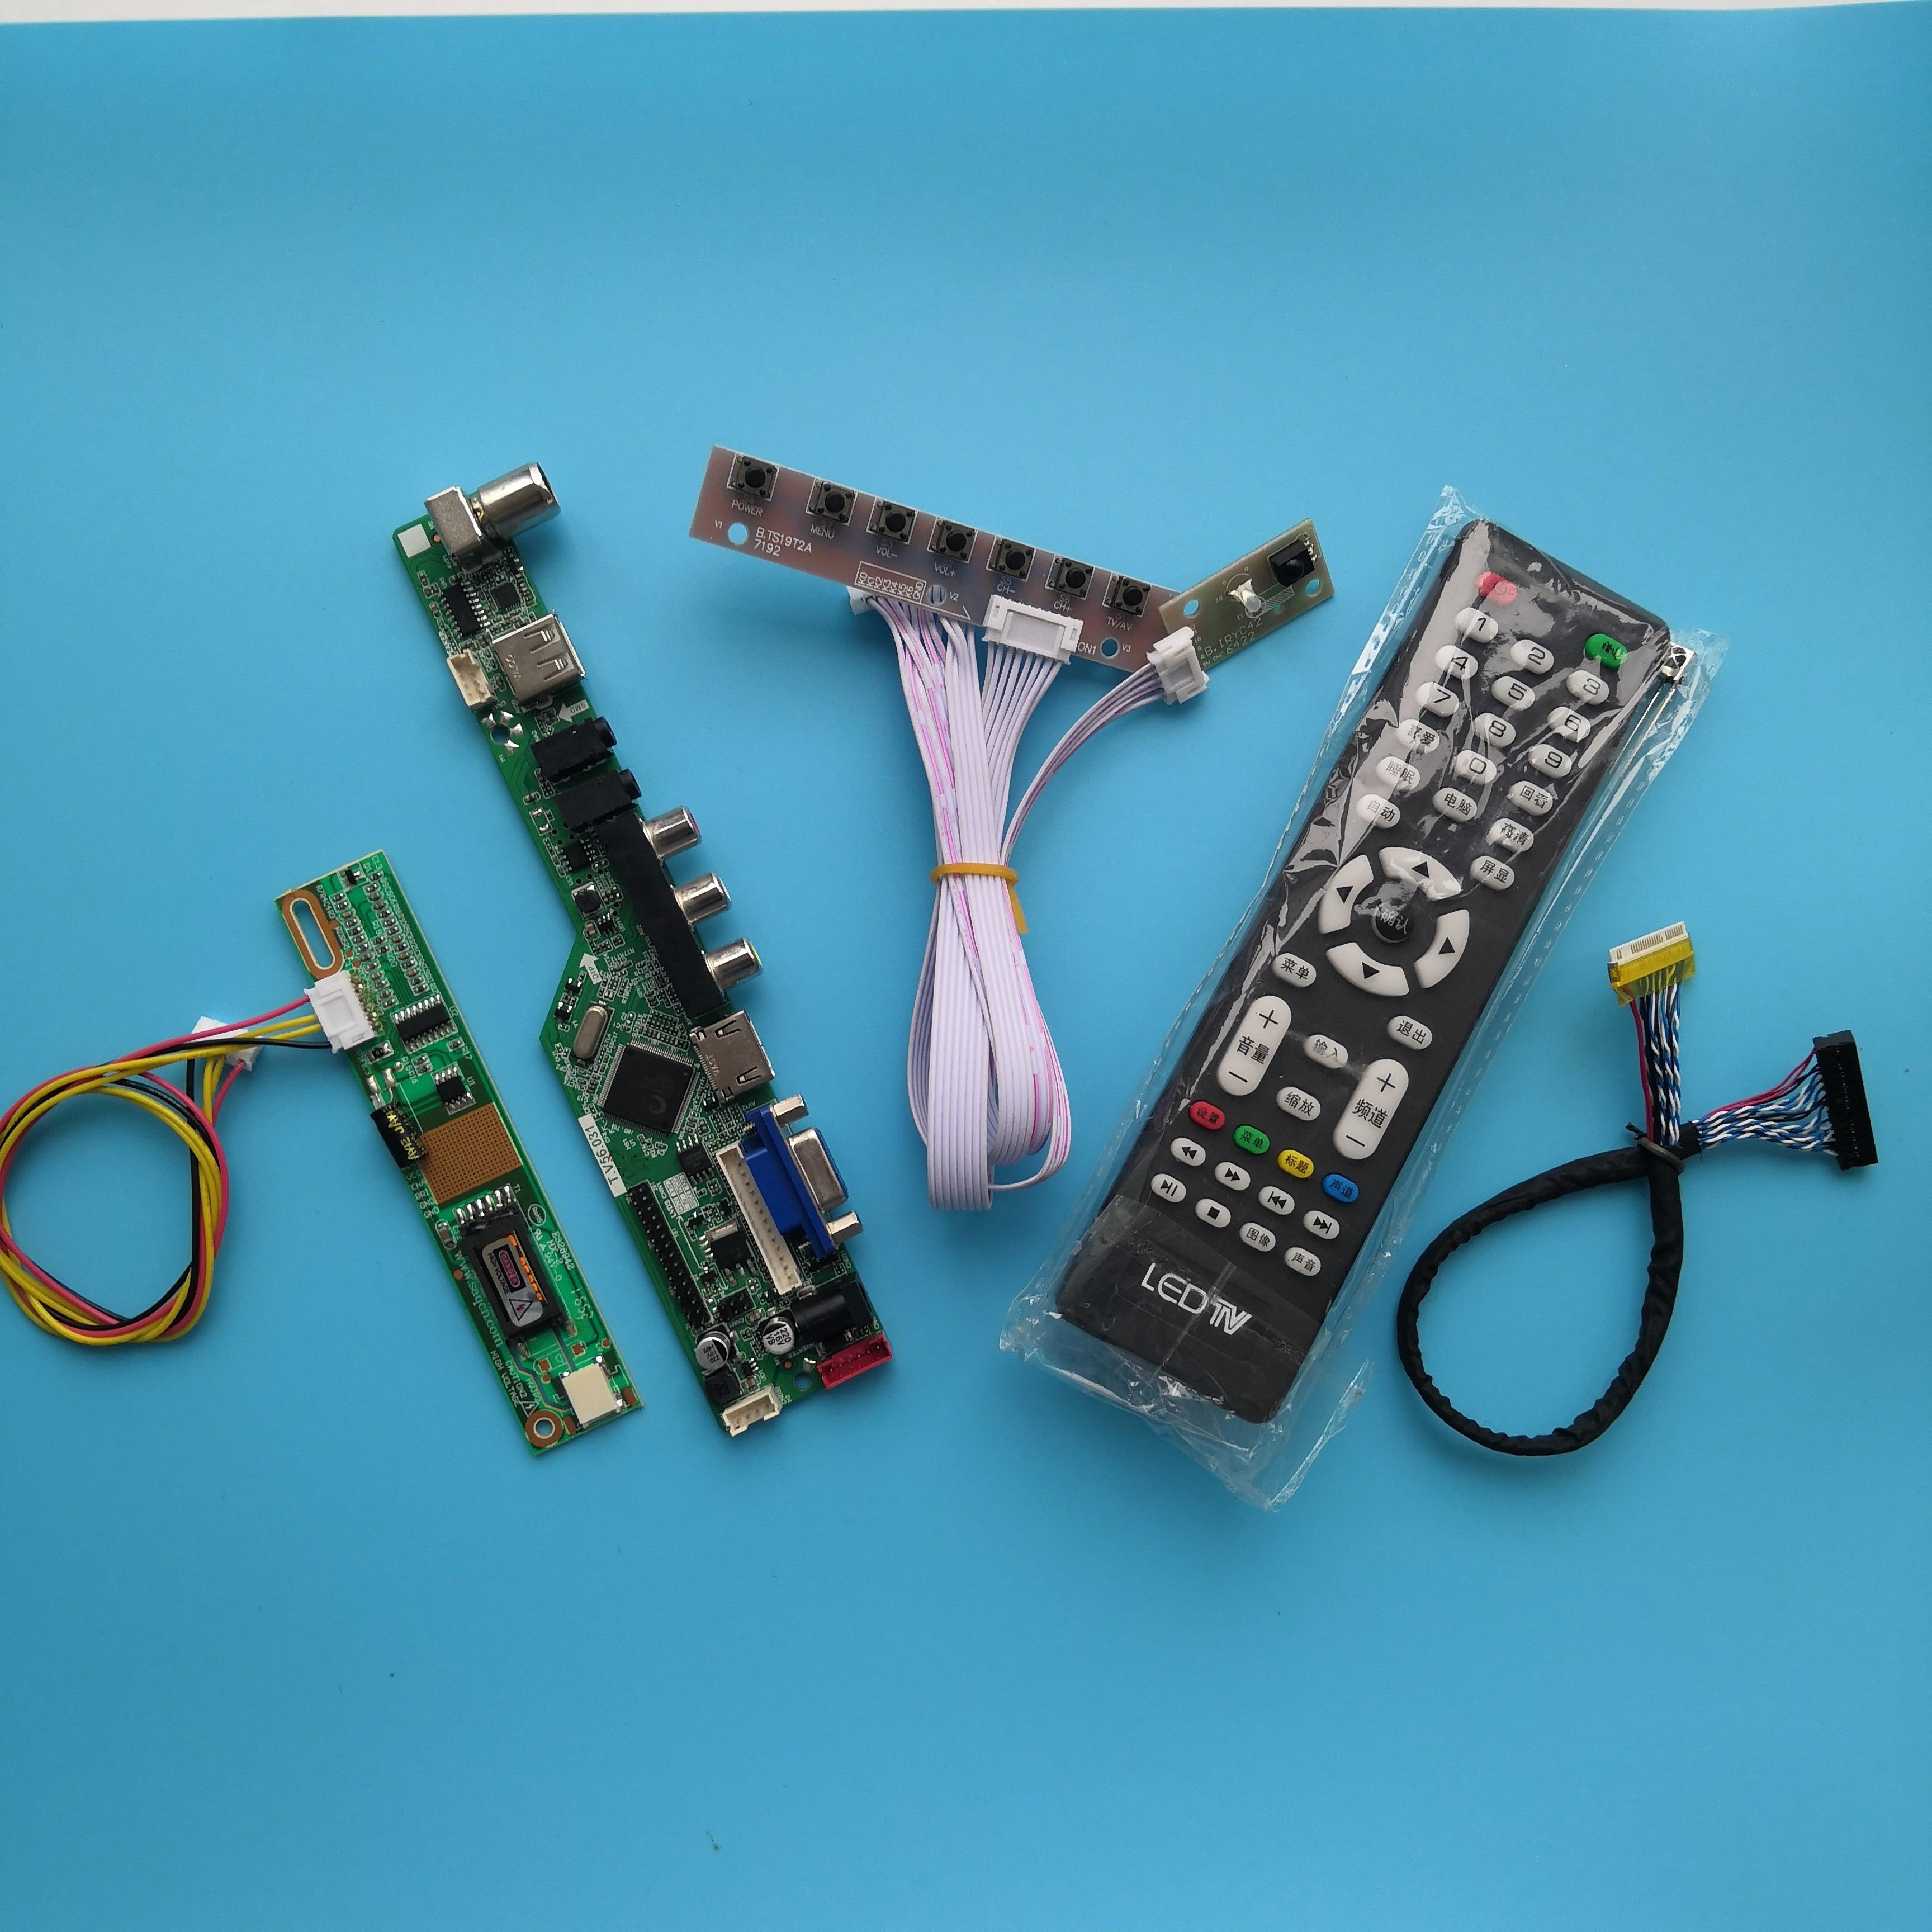 ل LP141WX3-TLQ2 وحدة تحكم USB مجلس واجهة وحدة 1 مصابيح 14.1